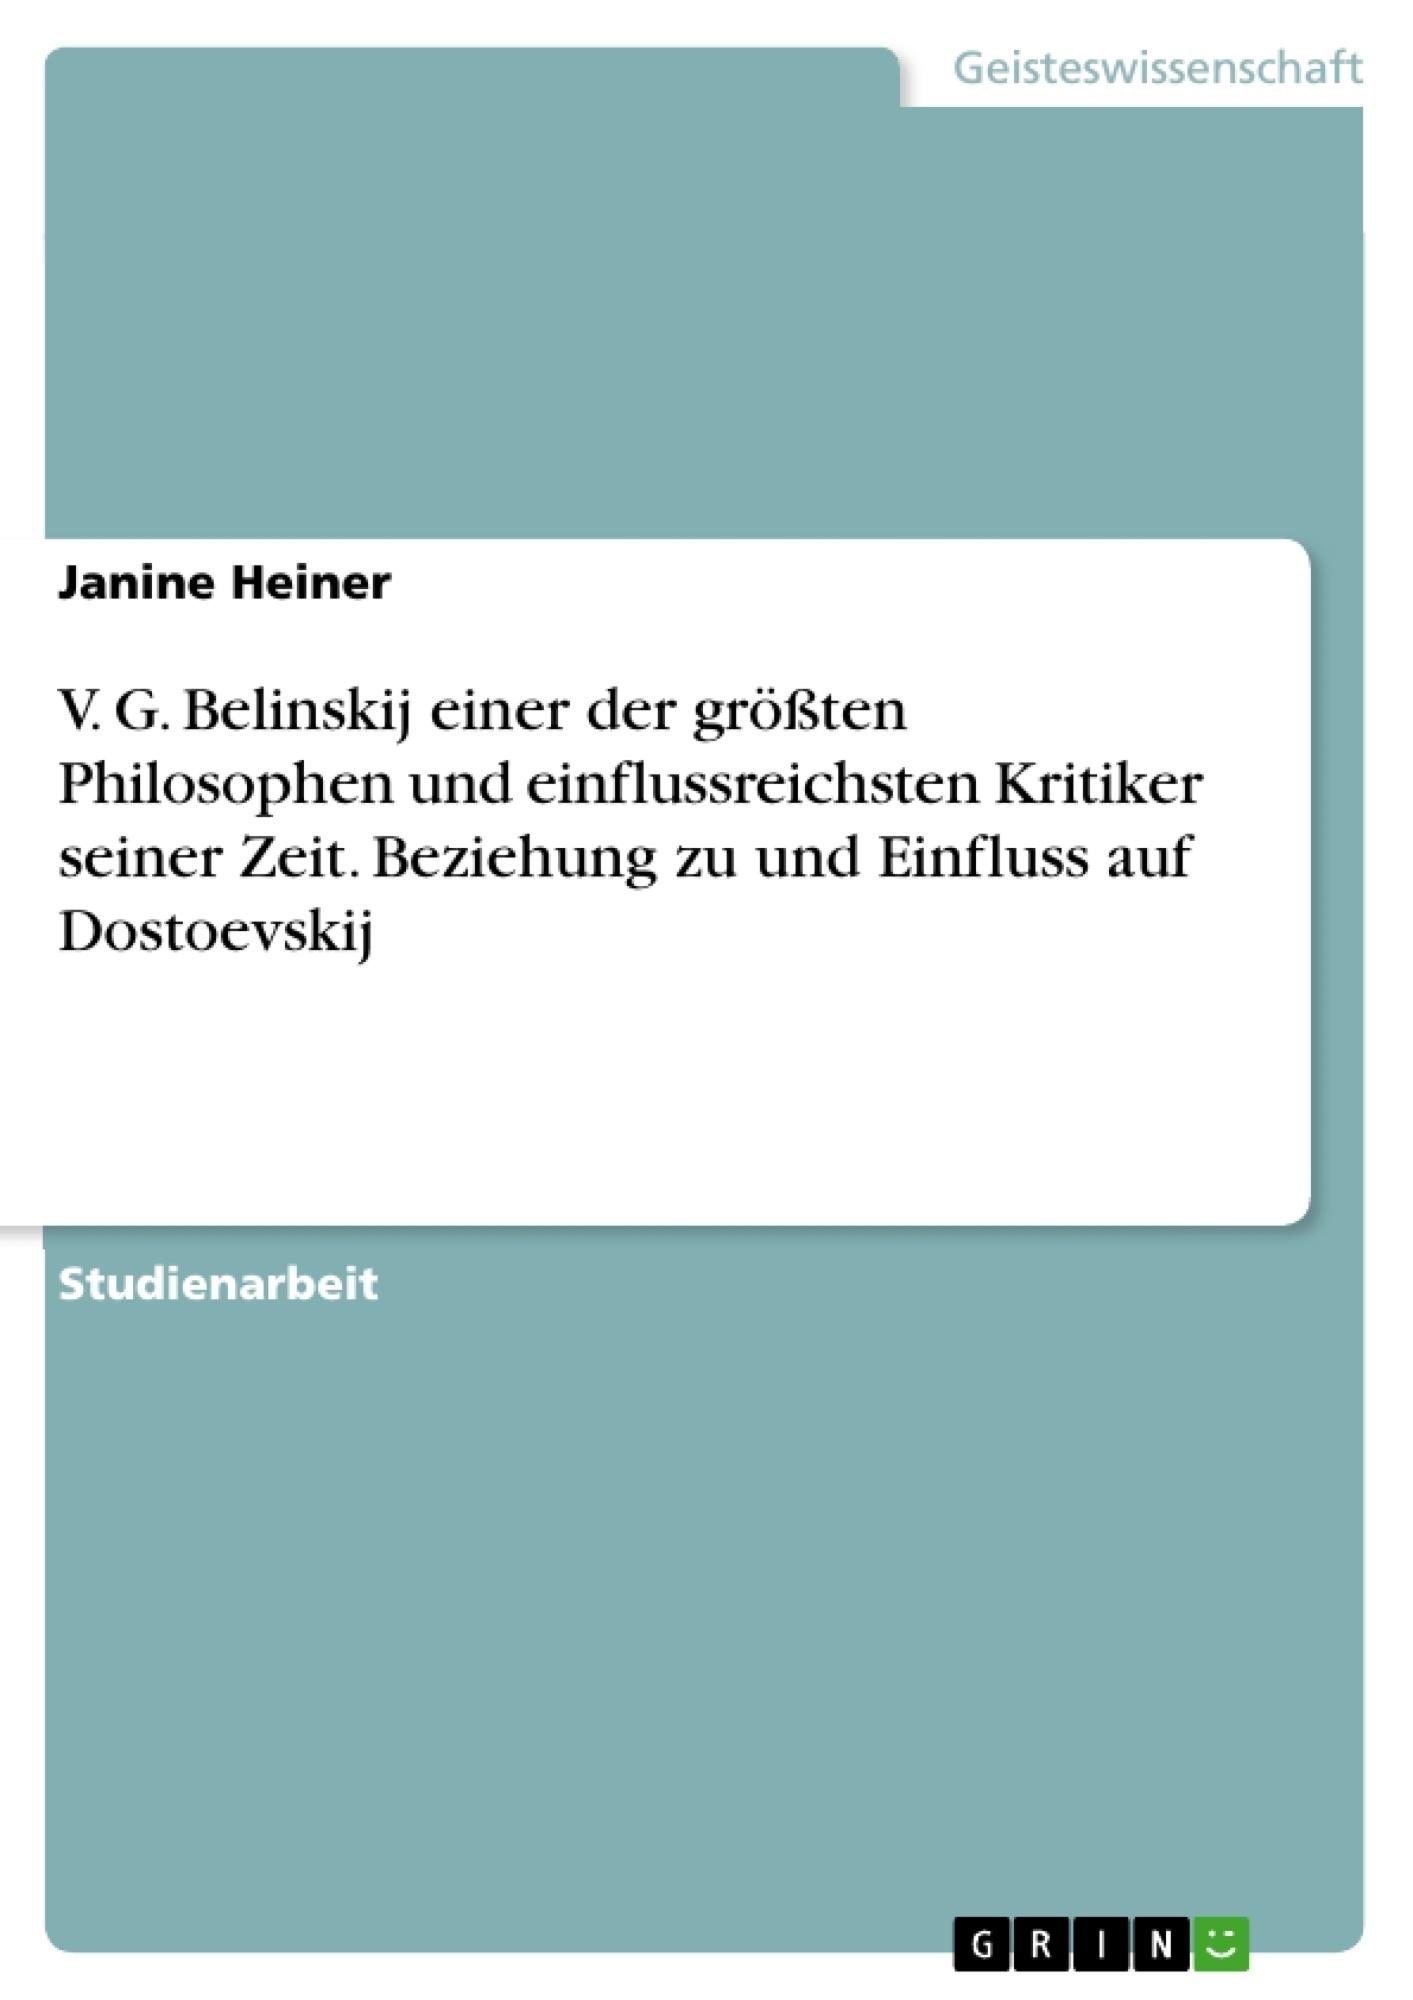 Titel: V. G. Belinskij einer der größten Philosophen und einflussreichsten Kritiker seiner Zeit. Beziehung zu und Einfluss auf Dostoevskij